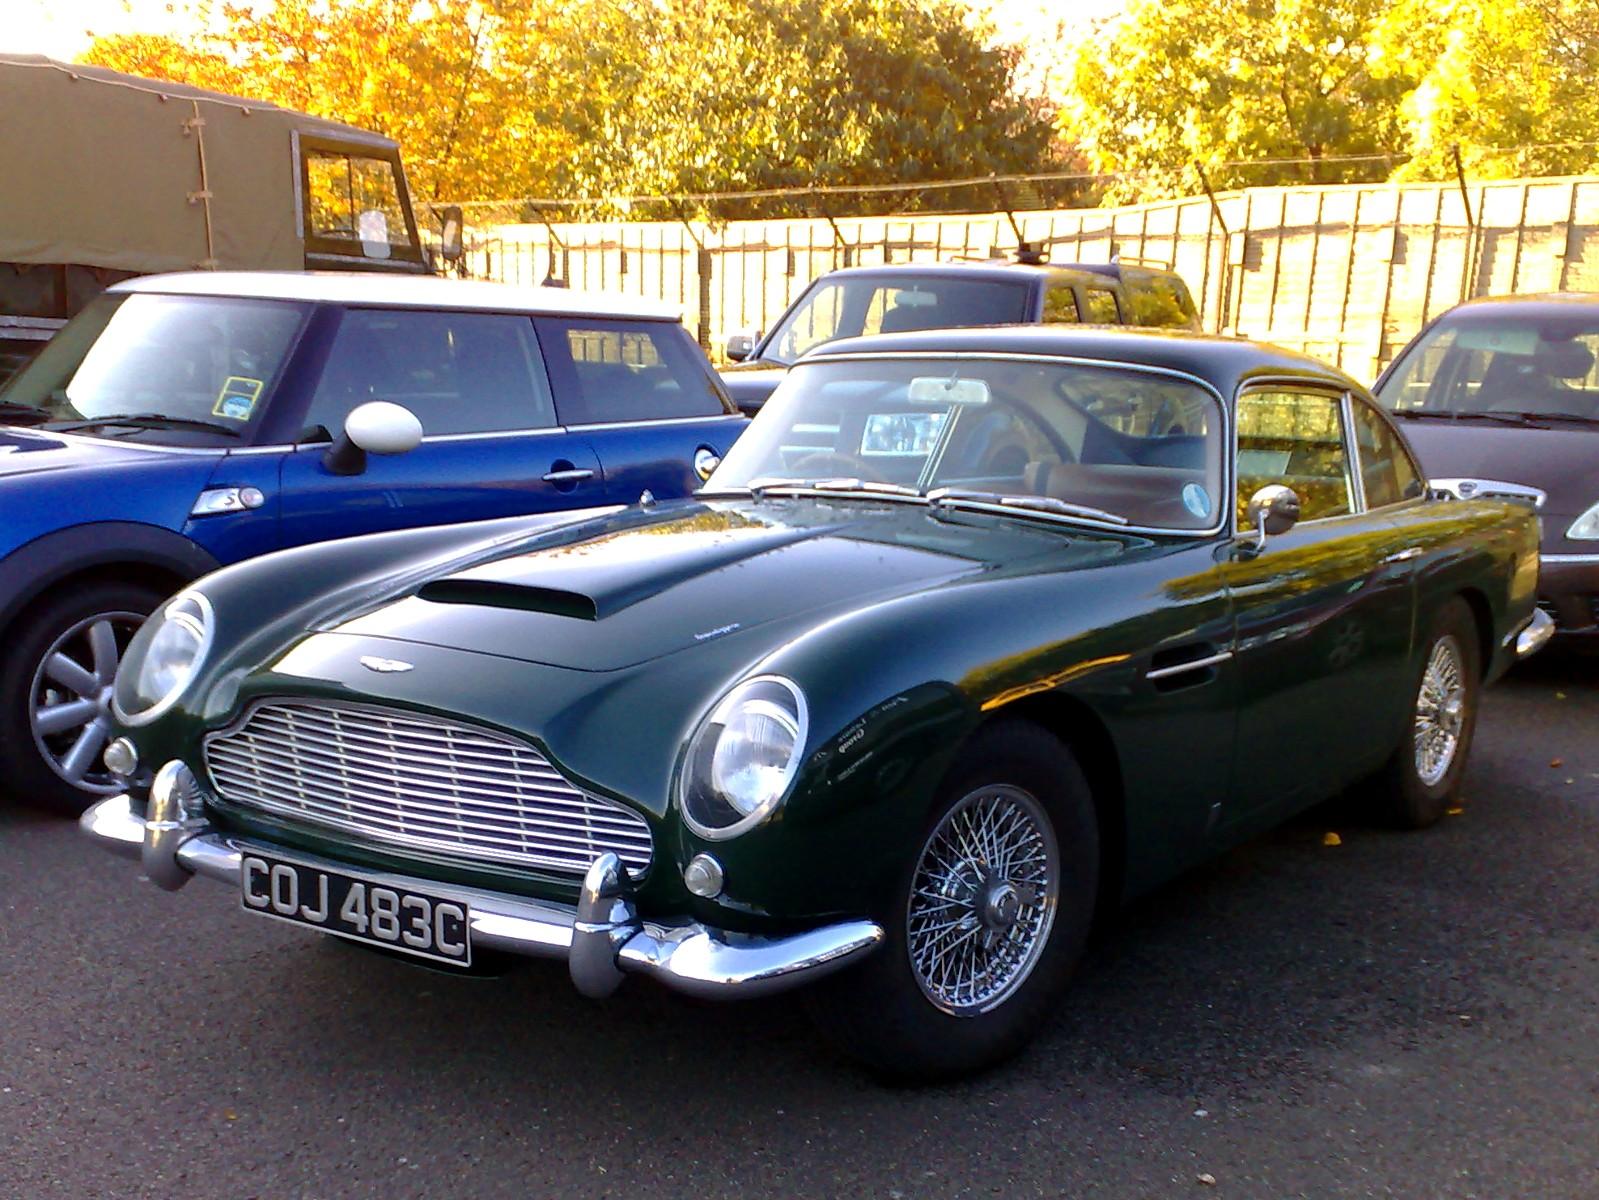 Fil:Aston Martin DB5 Vantage.jpg - Wikipedia